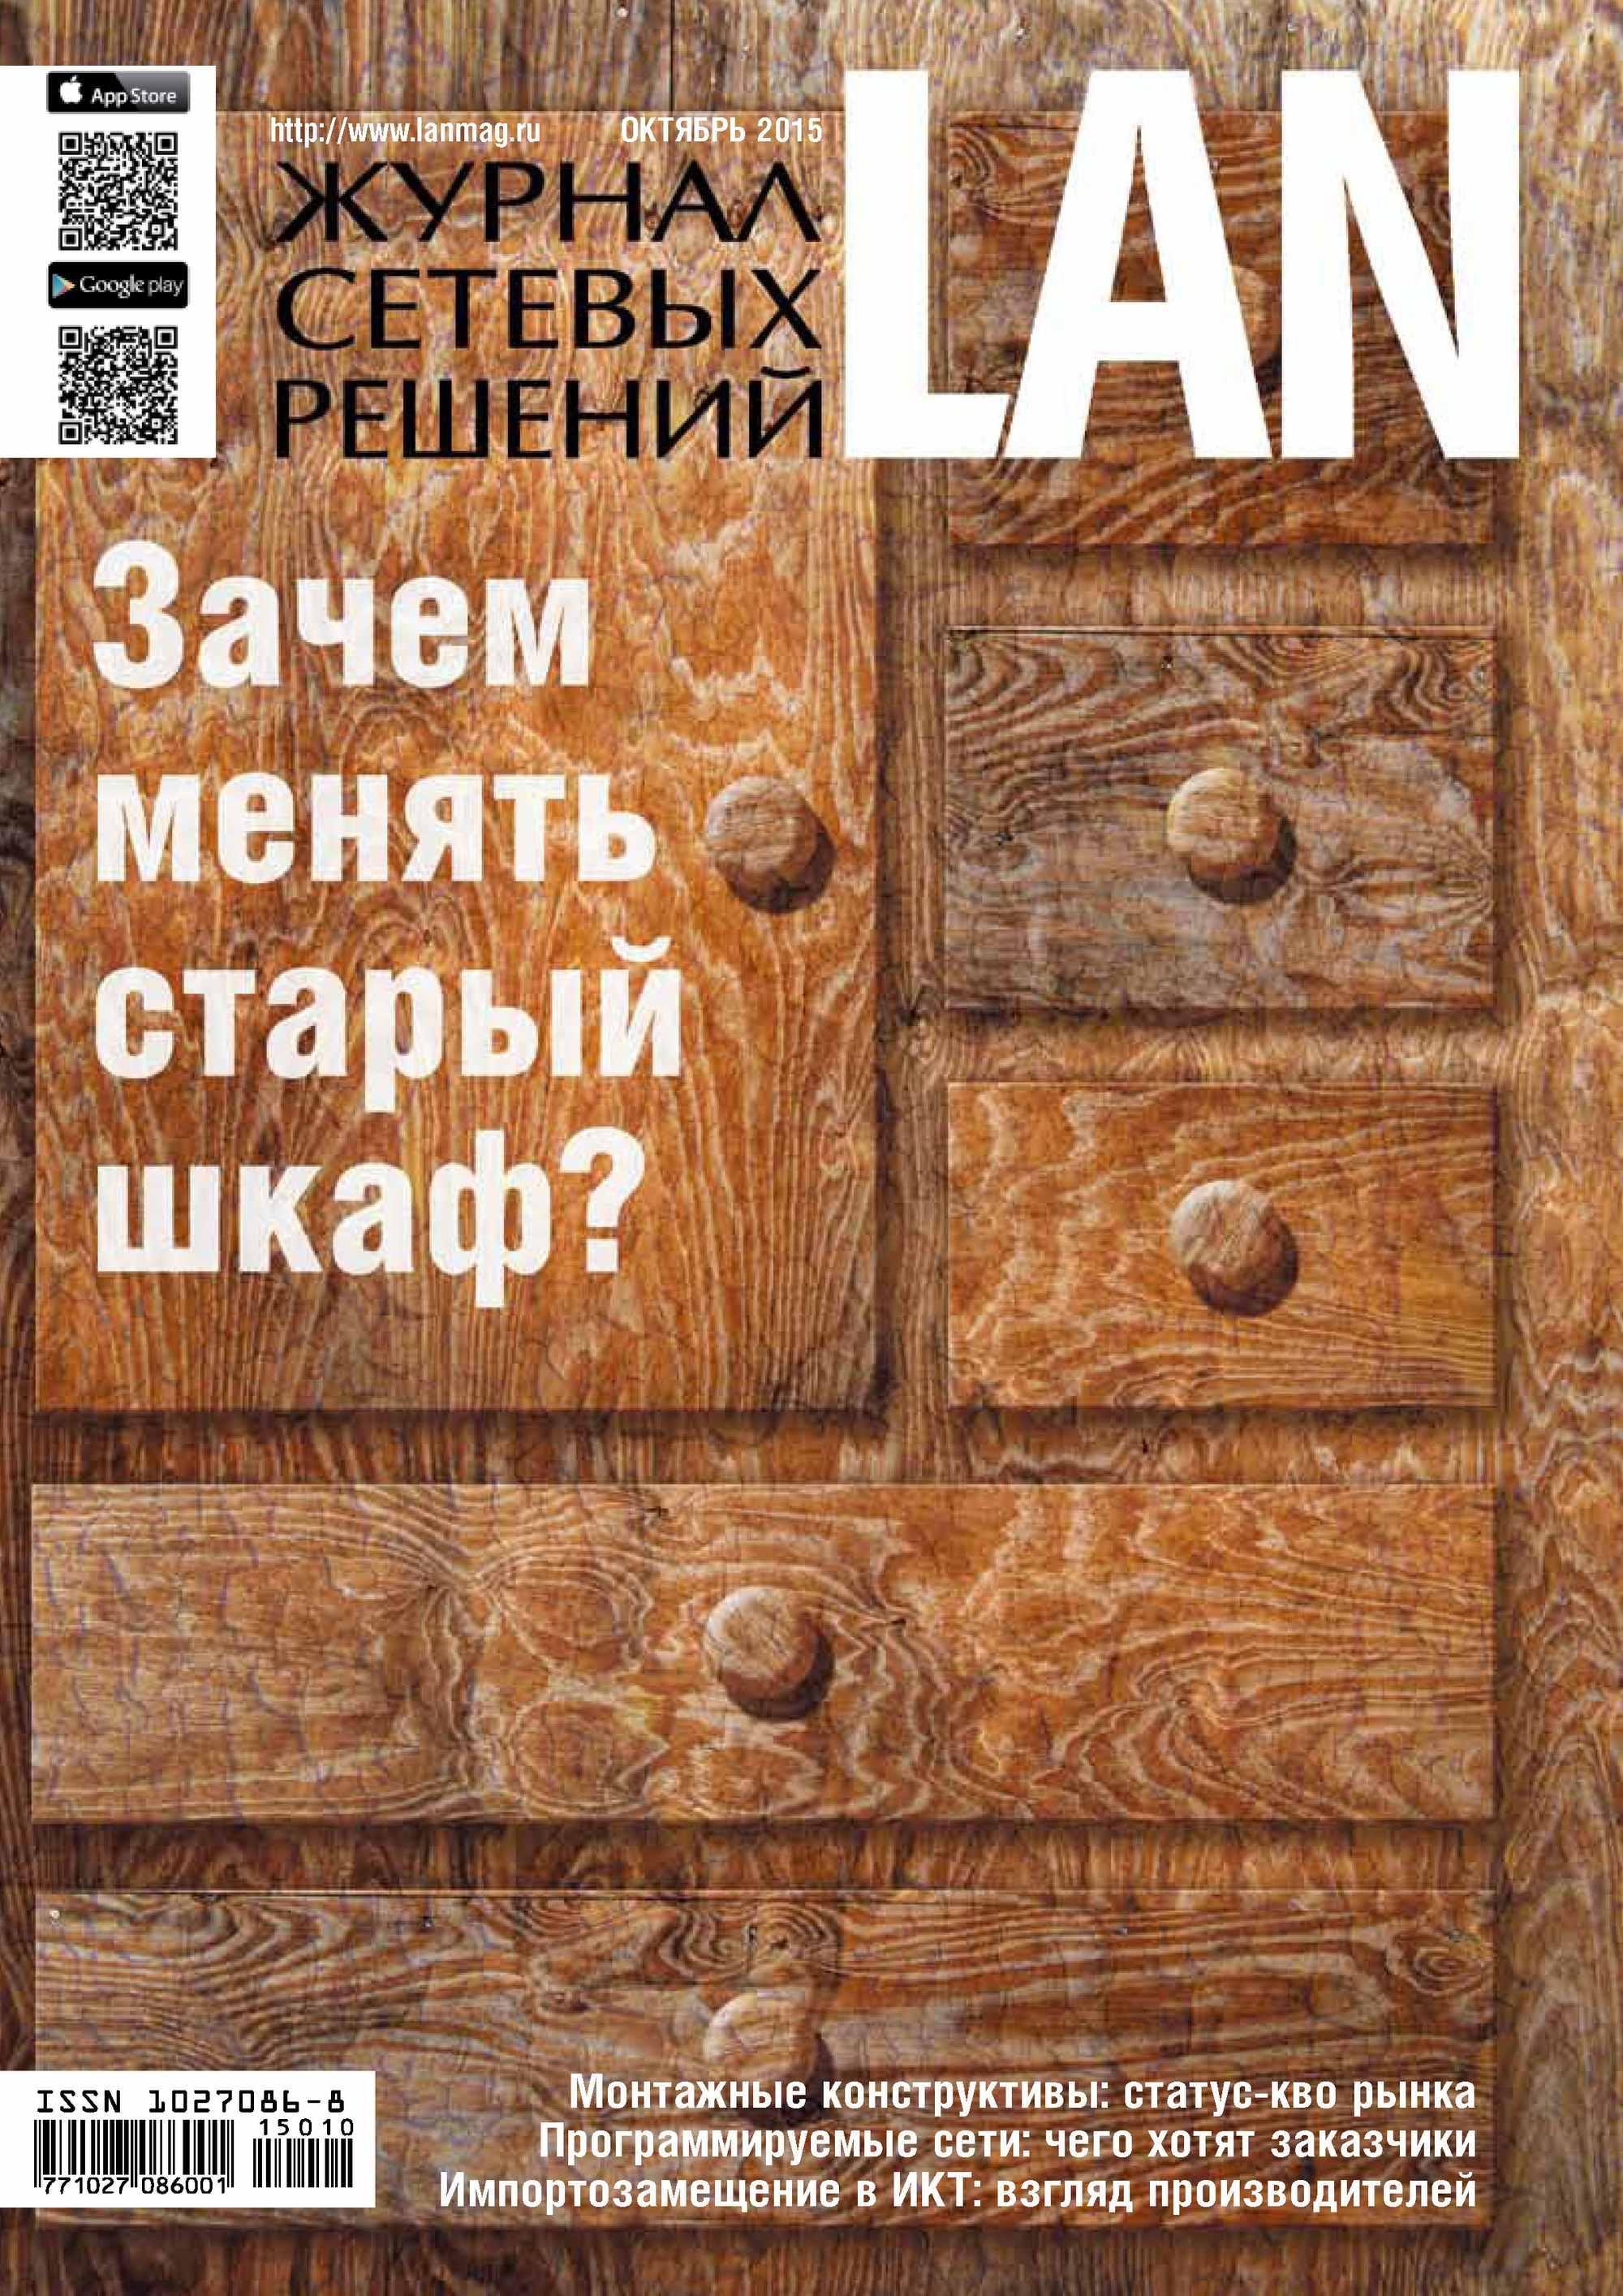 Открытые системы Журнал сетевых решений / LAN №10/2015 цены онлайн